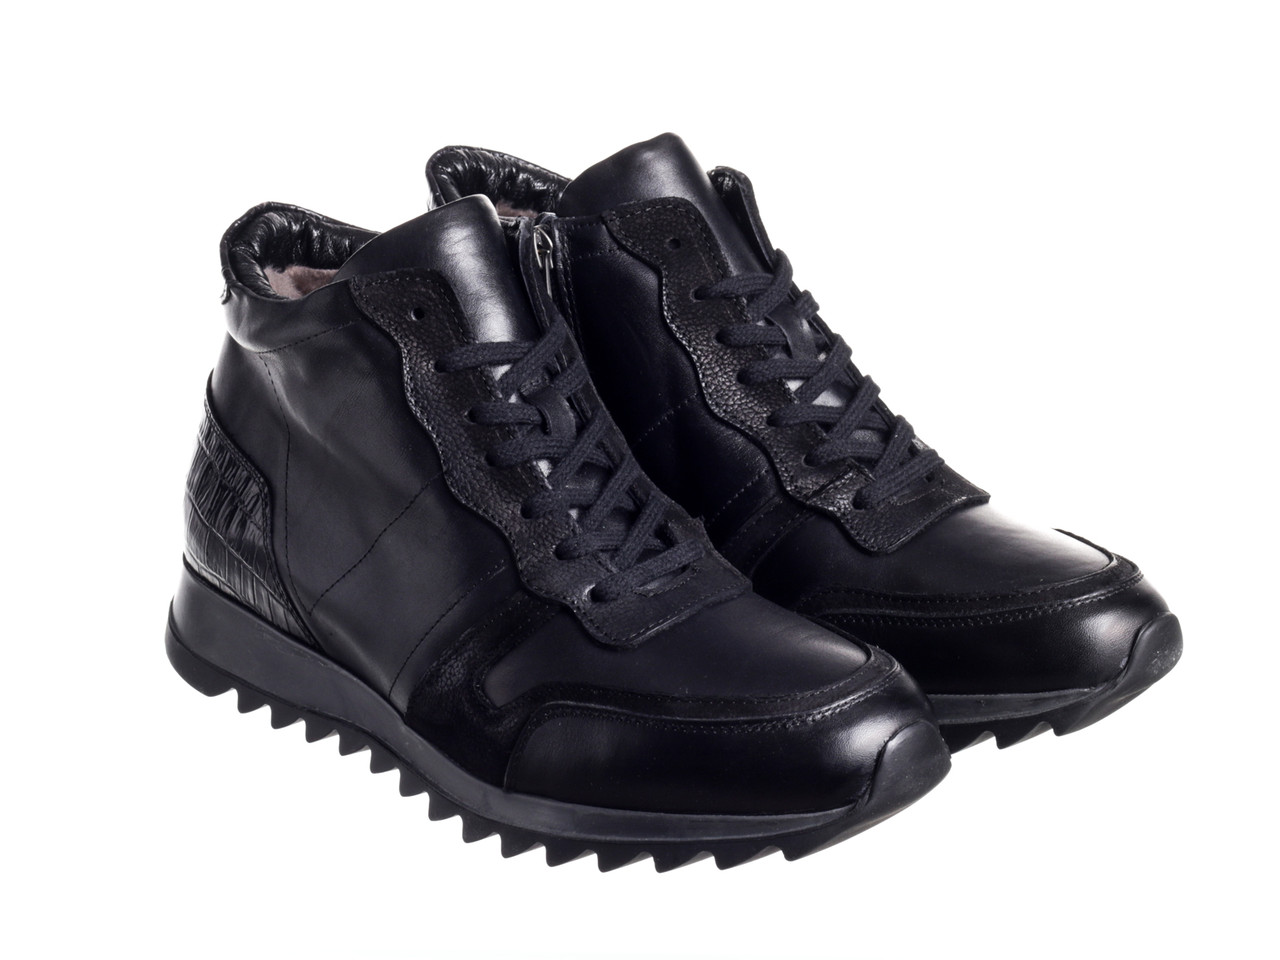 Ботинки Etor 8791-144 черные